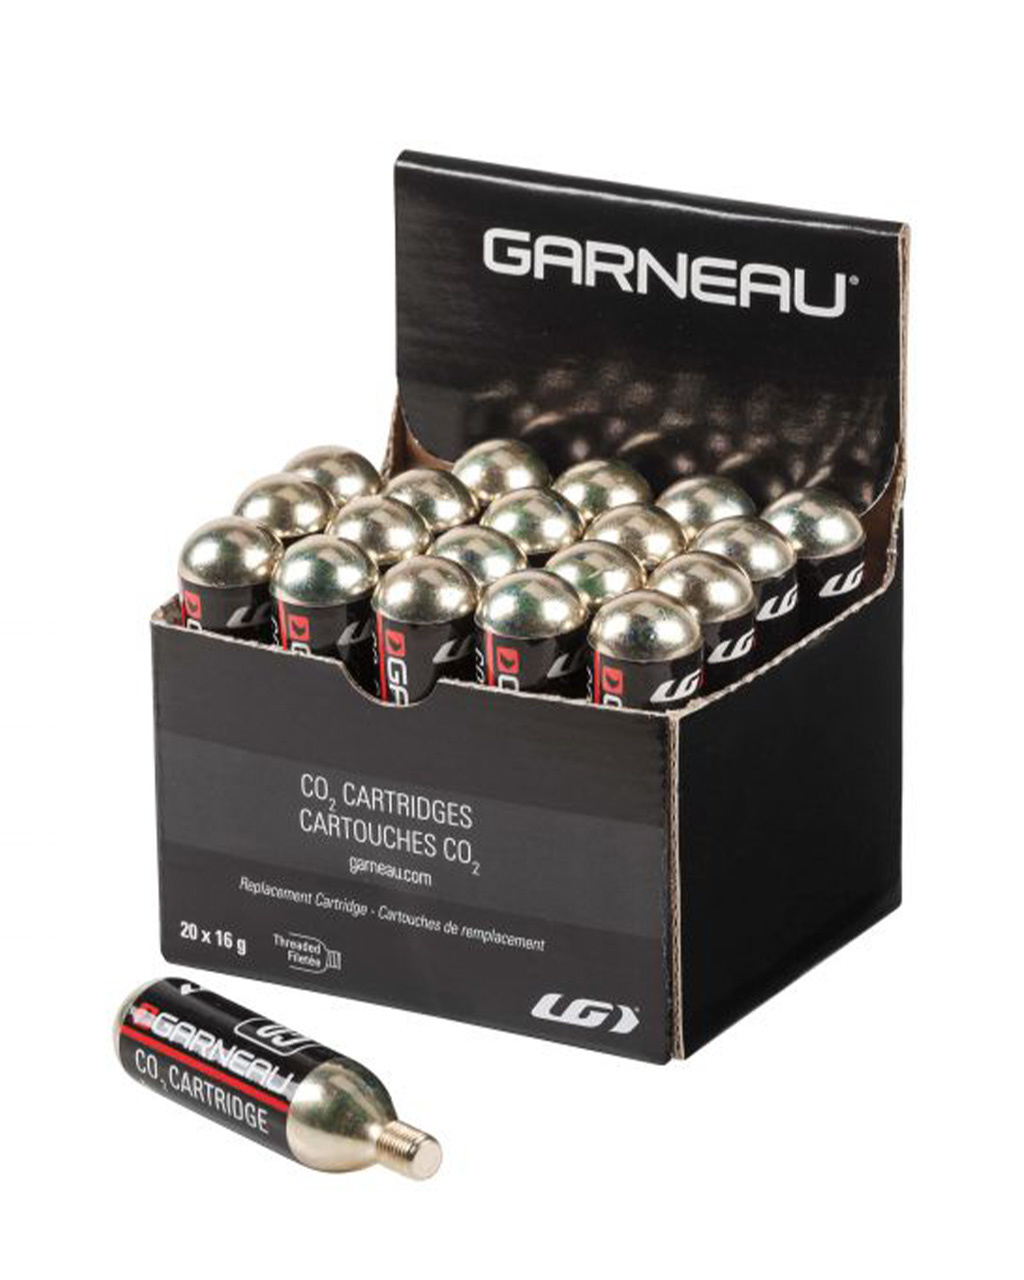 Louis Garneau Louis Garneau co2 Cartridges 16g